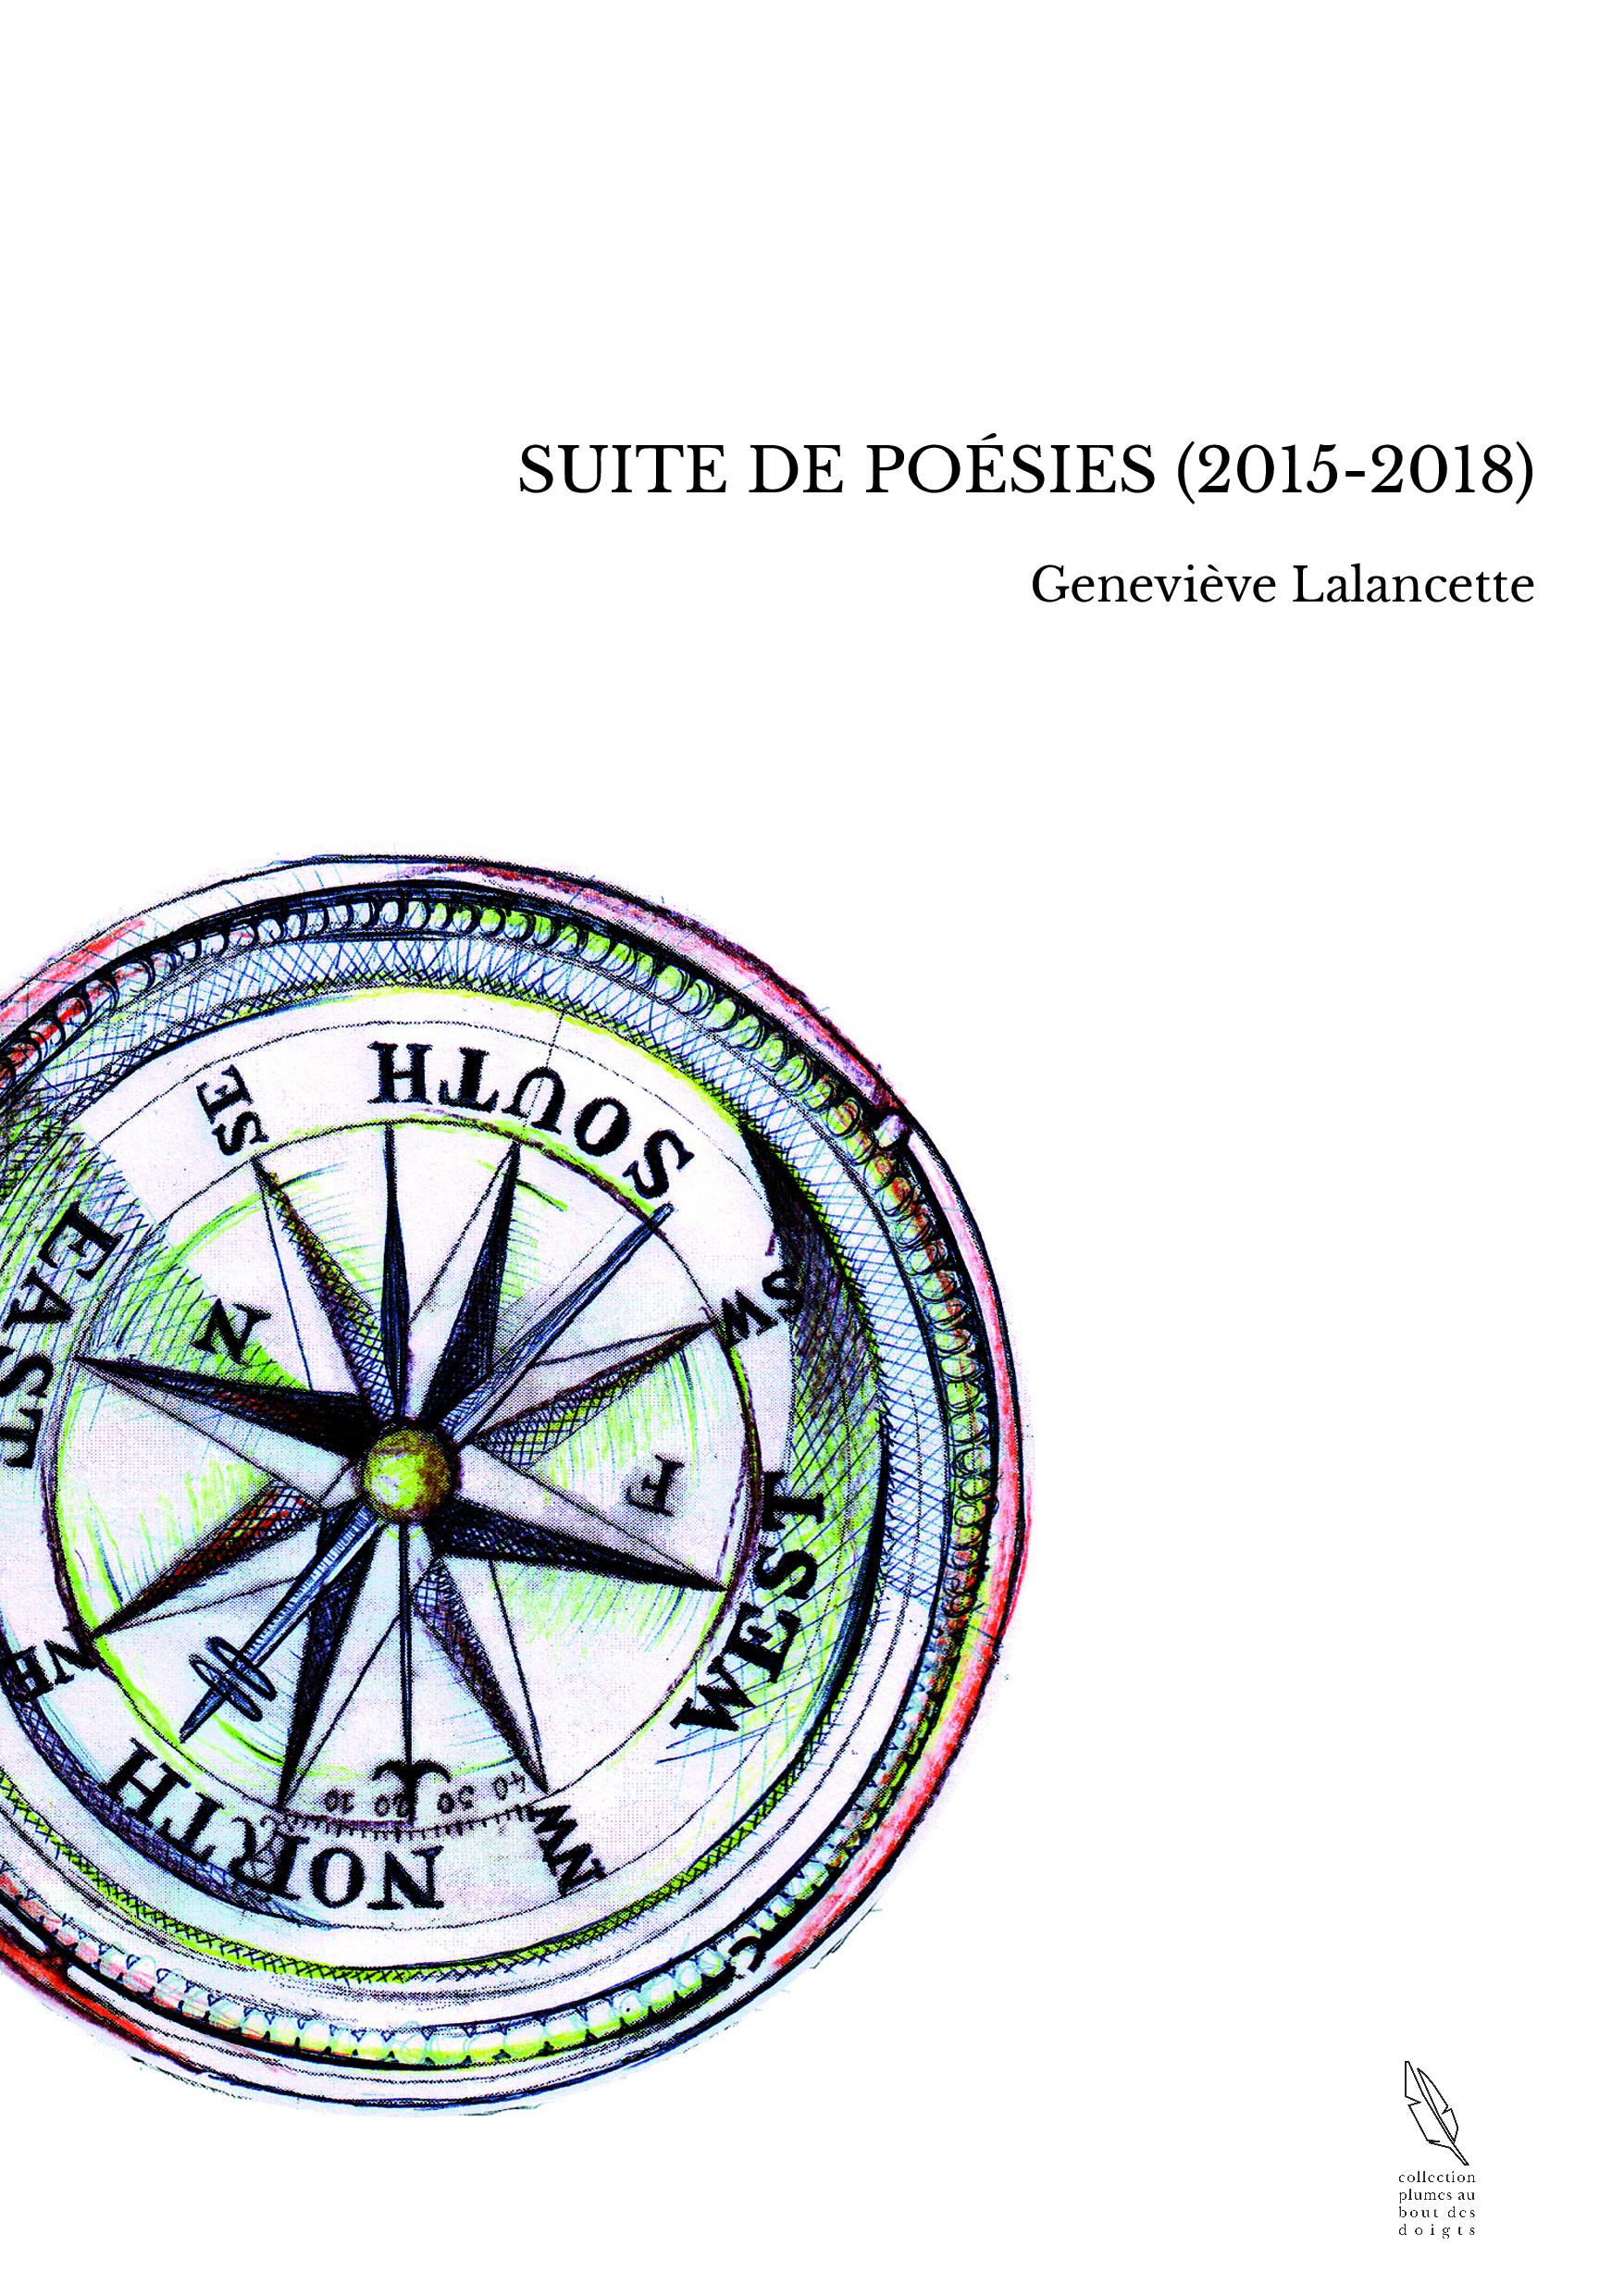 SUITE DE POÉSIES (2015-2018)